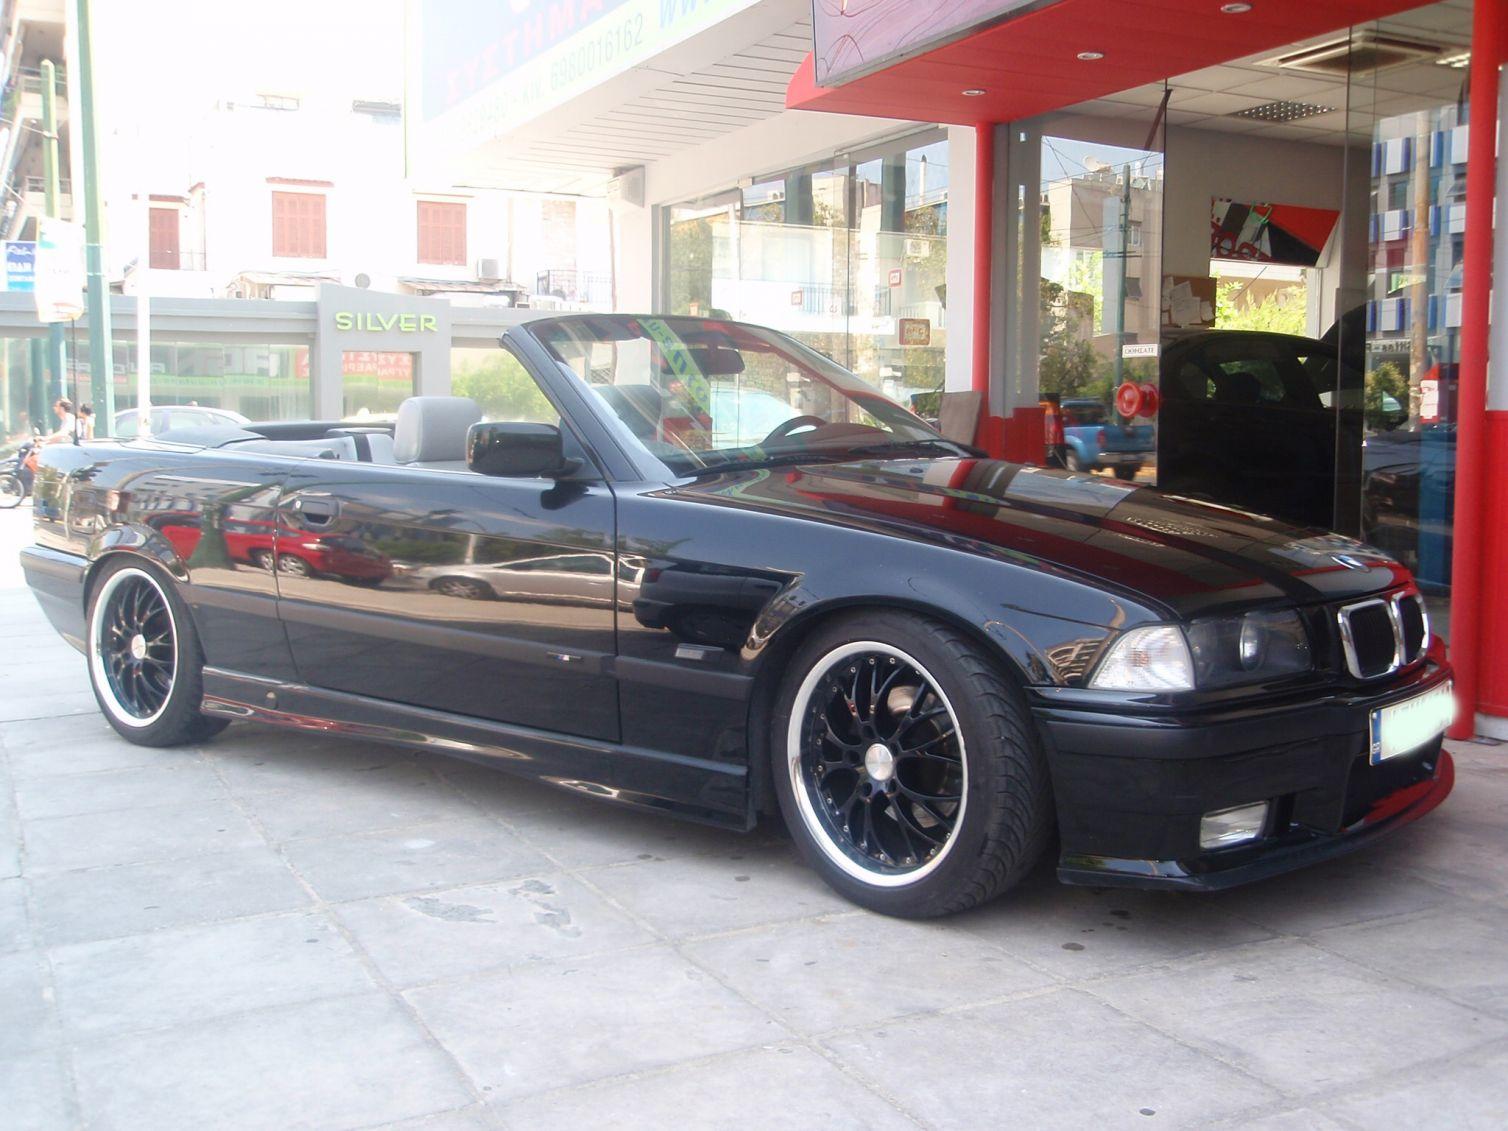 BMW 318, CABRIO, 1800cc, '06 ME BRC 47LT